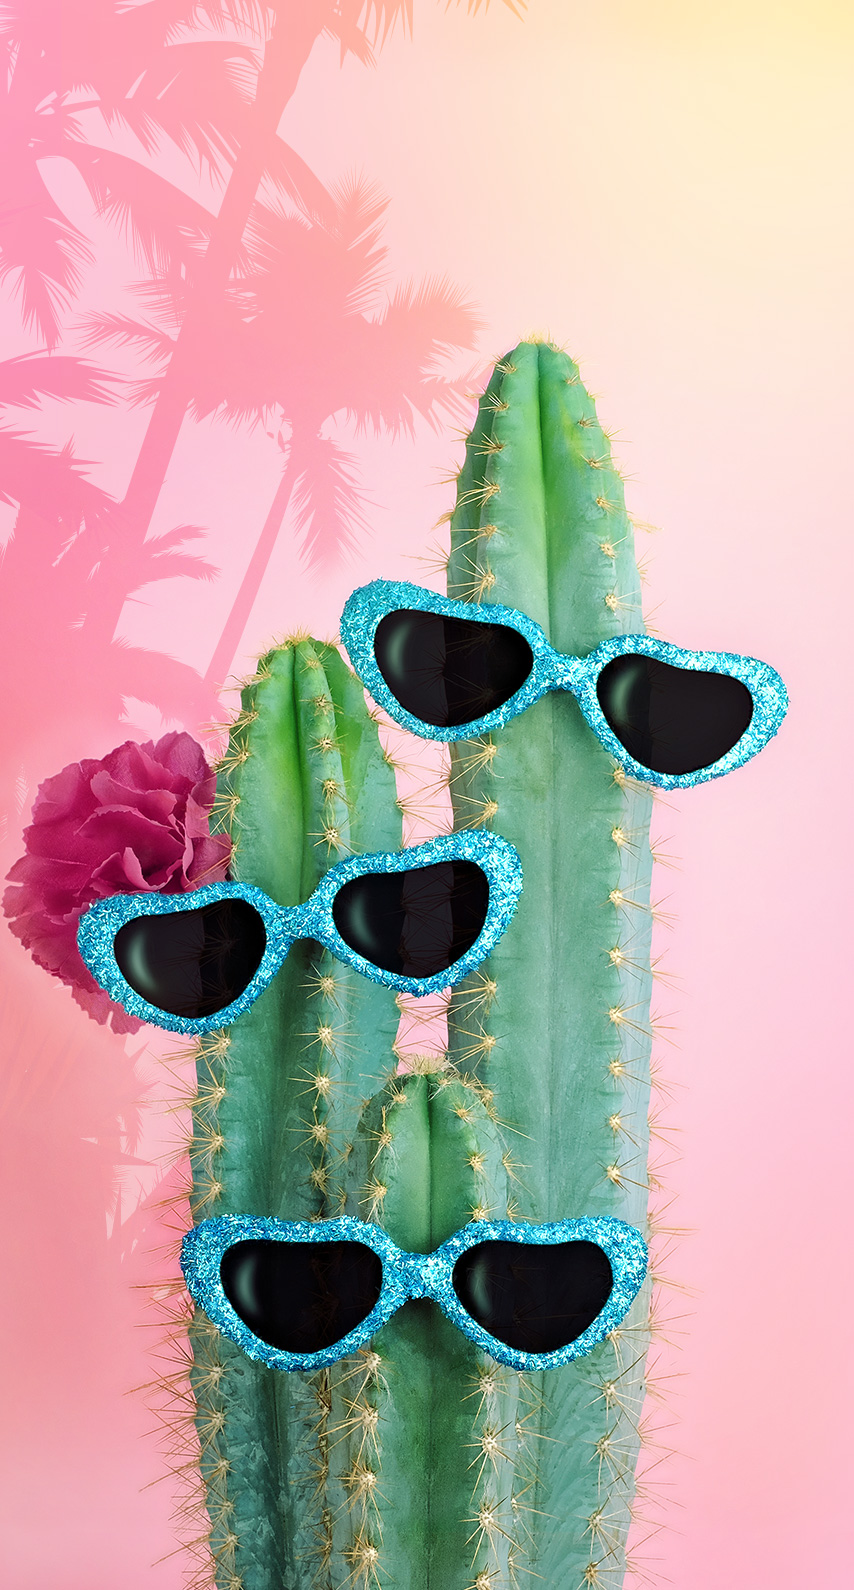 glasses, cactus